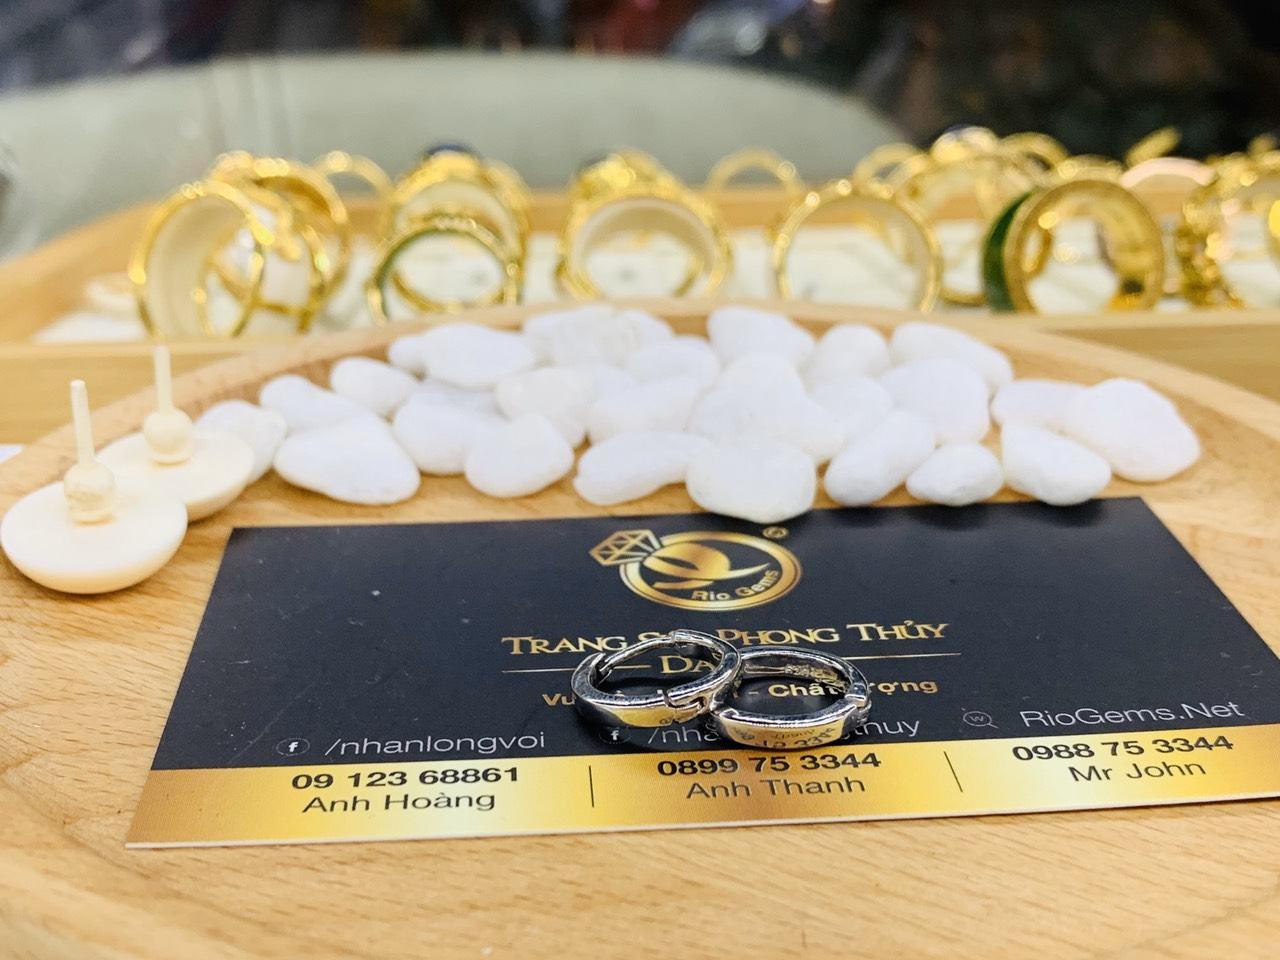 Cặp bông tai vàng trắng được chế tác với thiết kế nhỏ xinh, dễ thương là sự lựa chọn hoàn hảo cho hội chị em